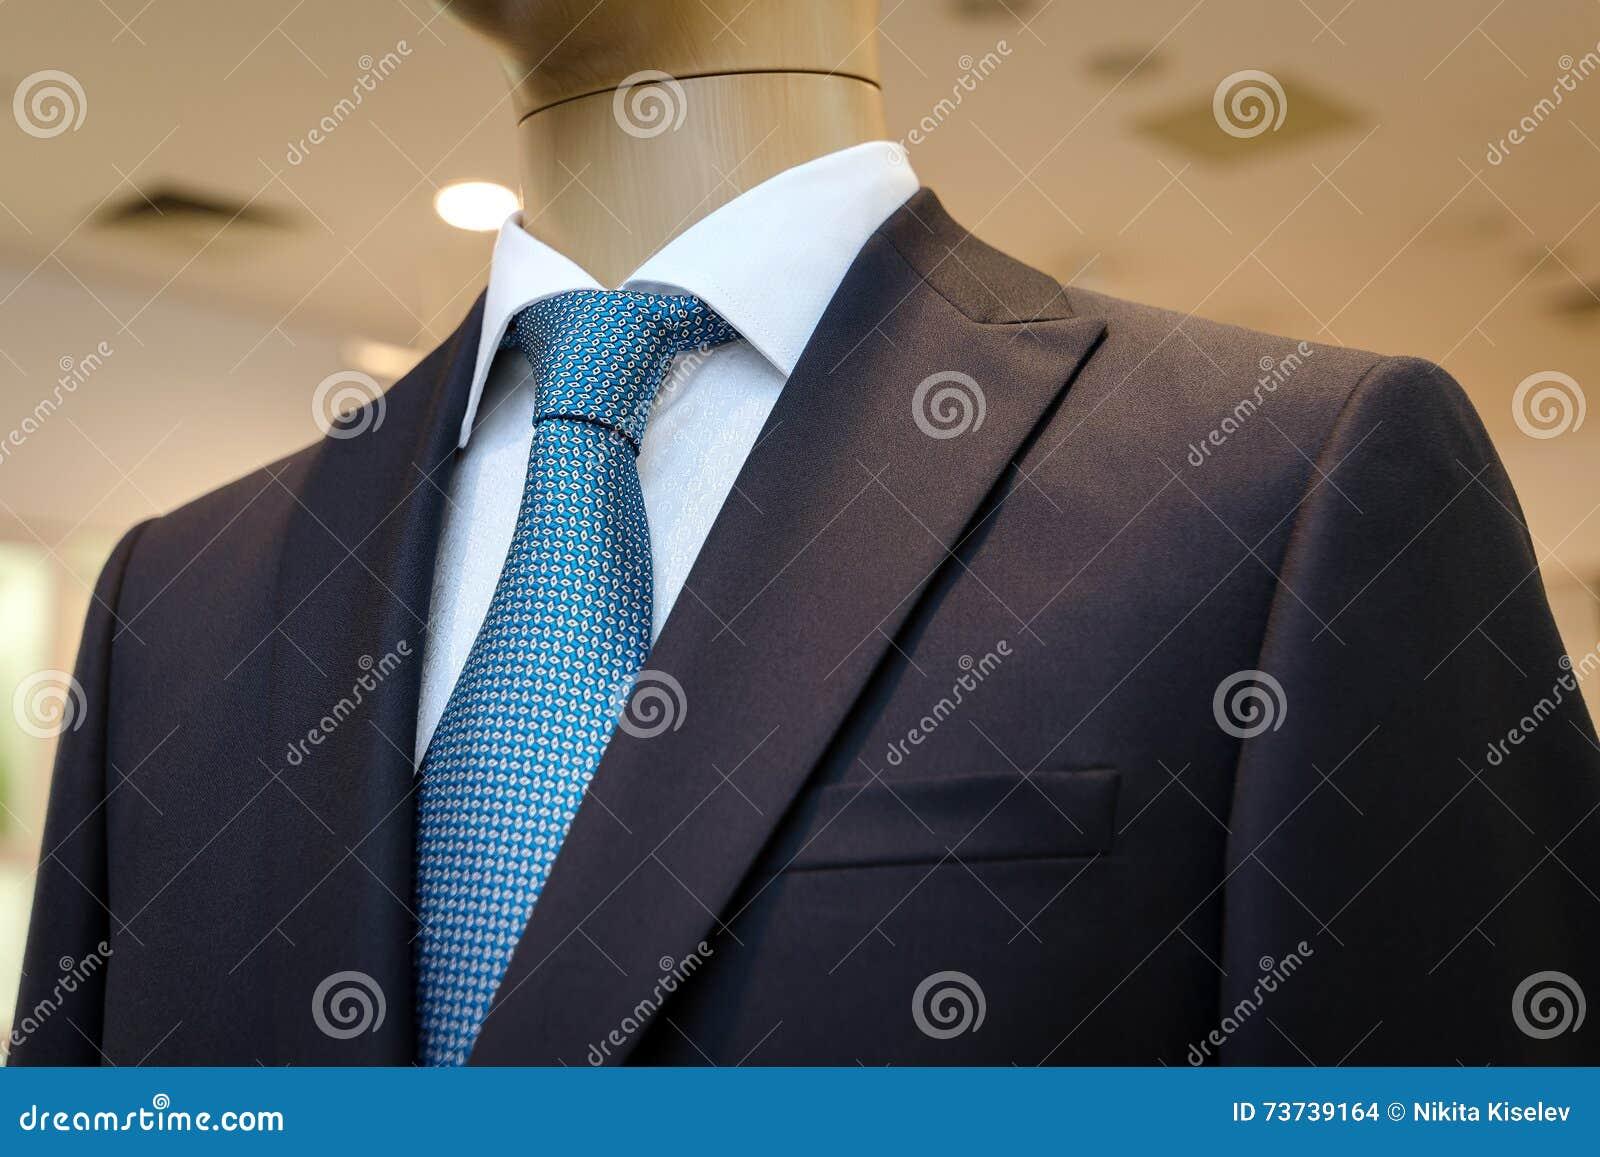 Overhemd Voor Pak.Zwart Pak Met Een Wit Overhemd En Met Een Blauwe Band In Tekening